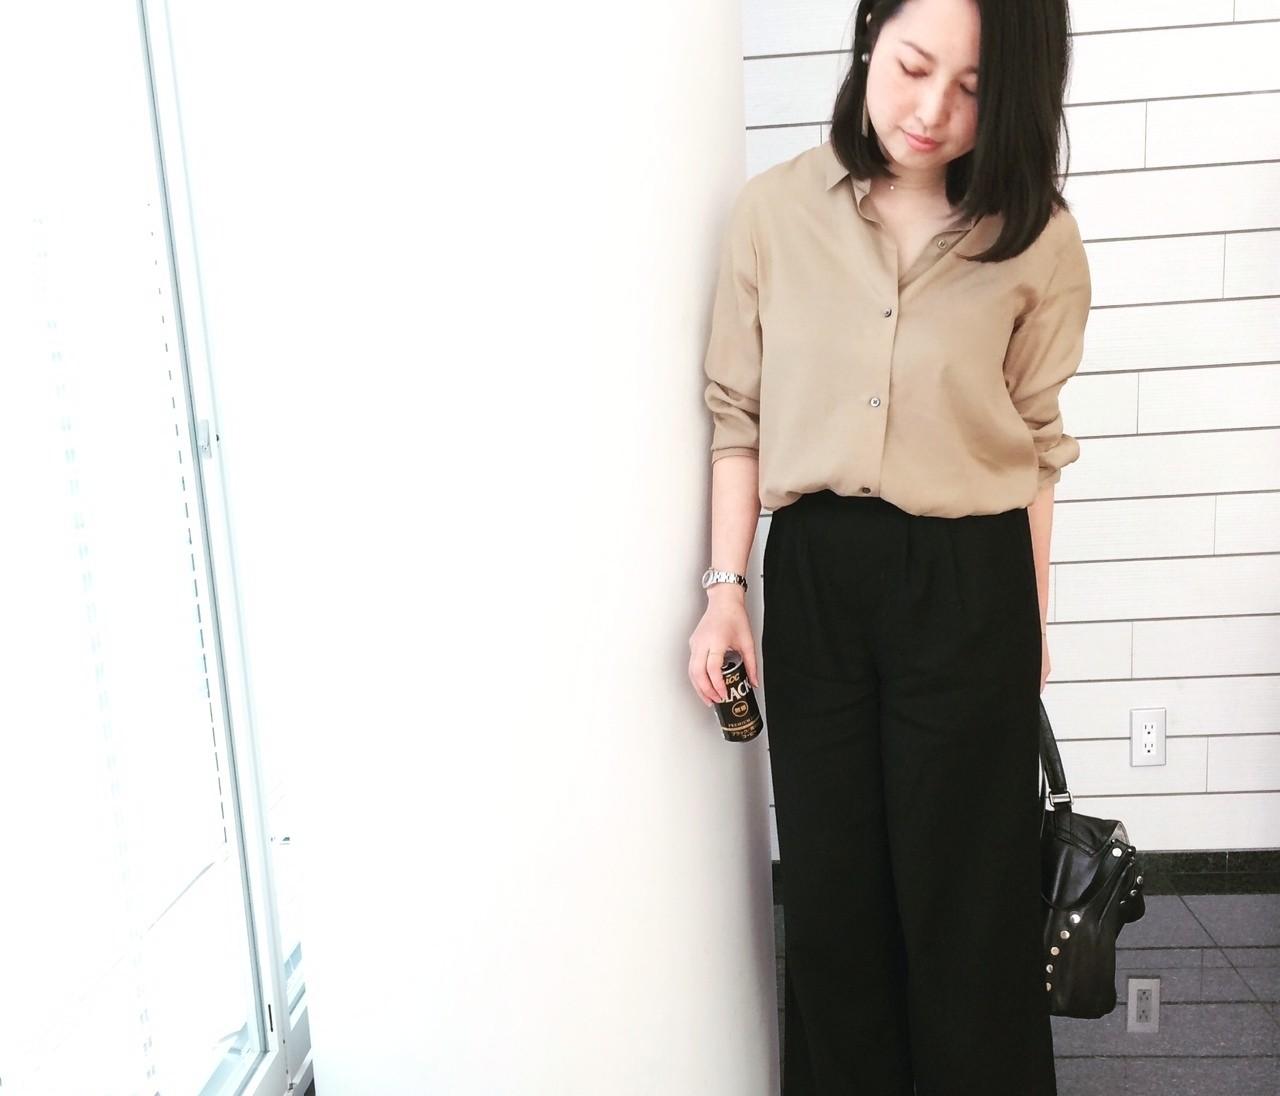 【#OOTD】155cmのデザイナーSさん、小柄でもはけるワイドパンツを発見!